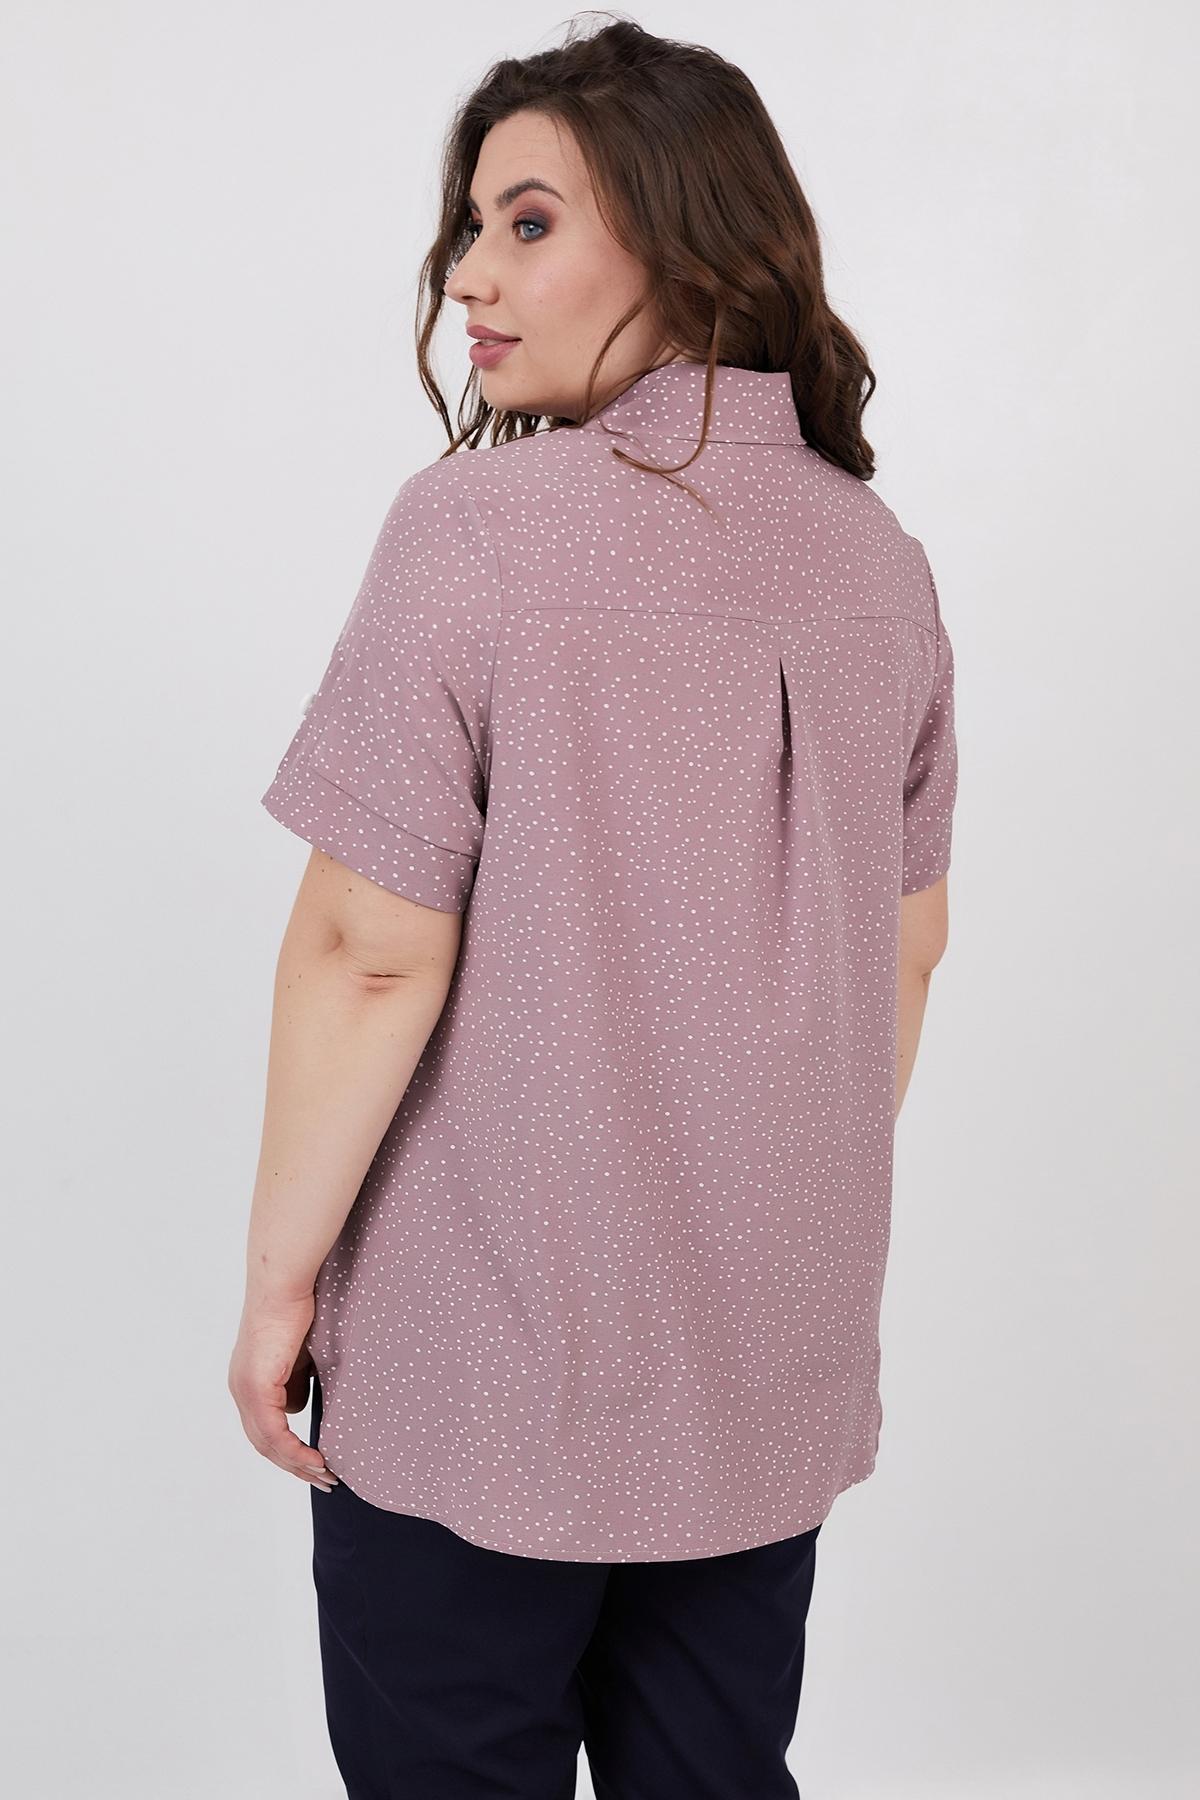 Рубашка Микелли (пудра)